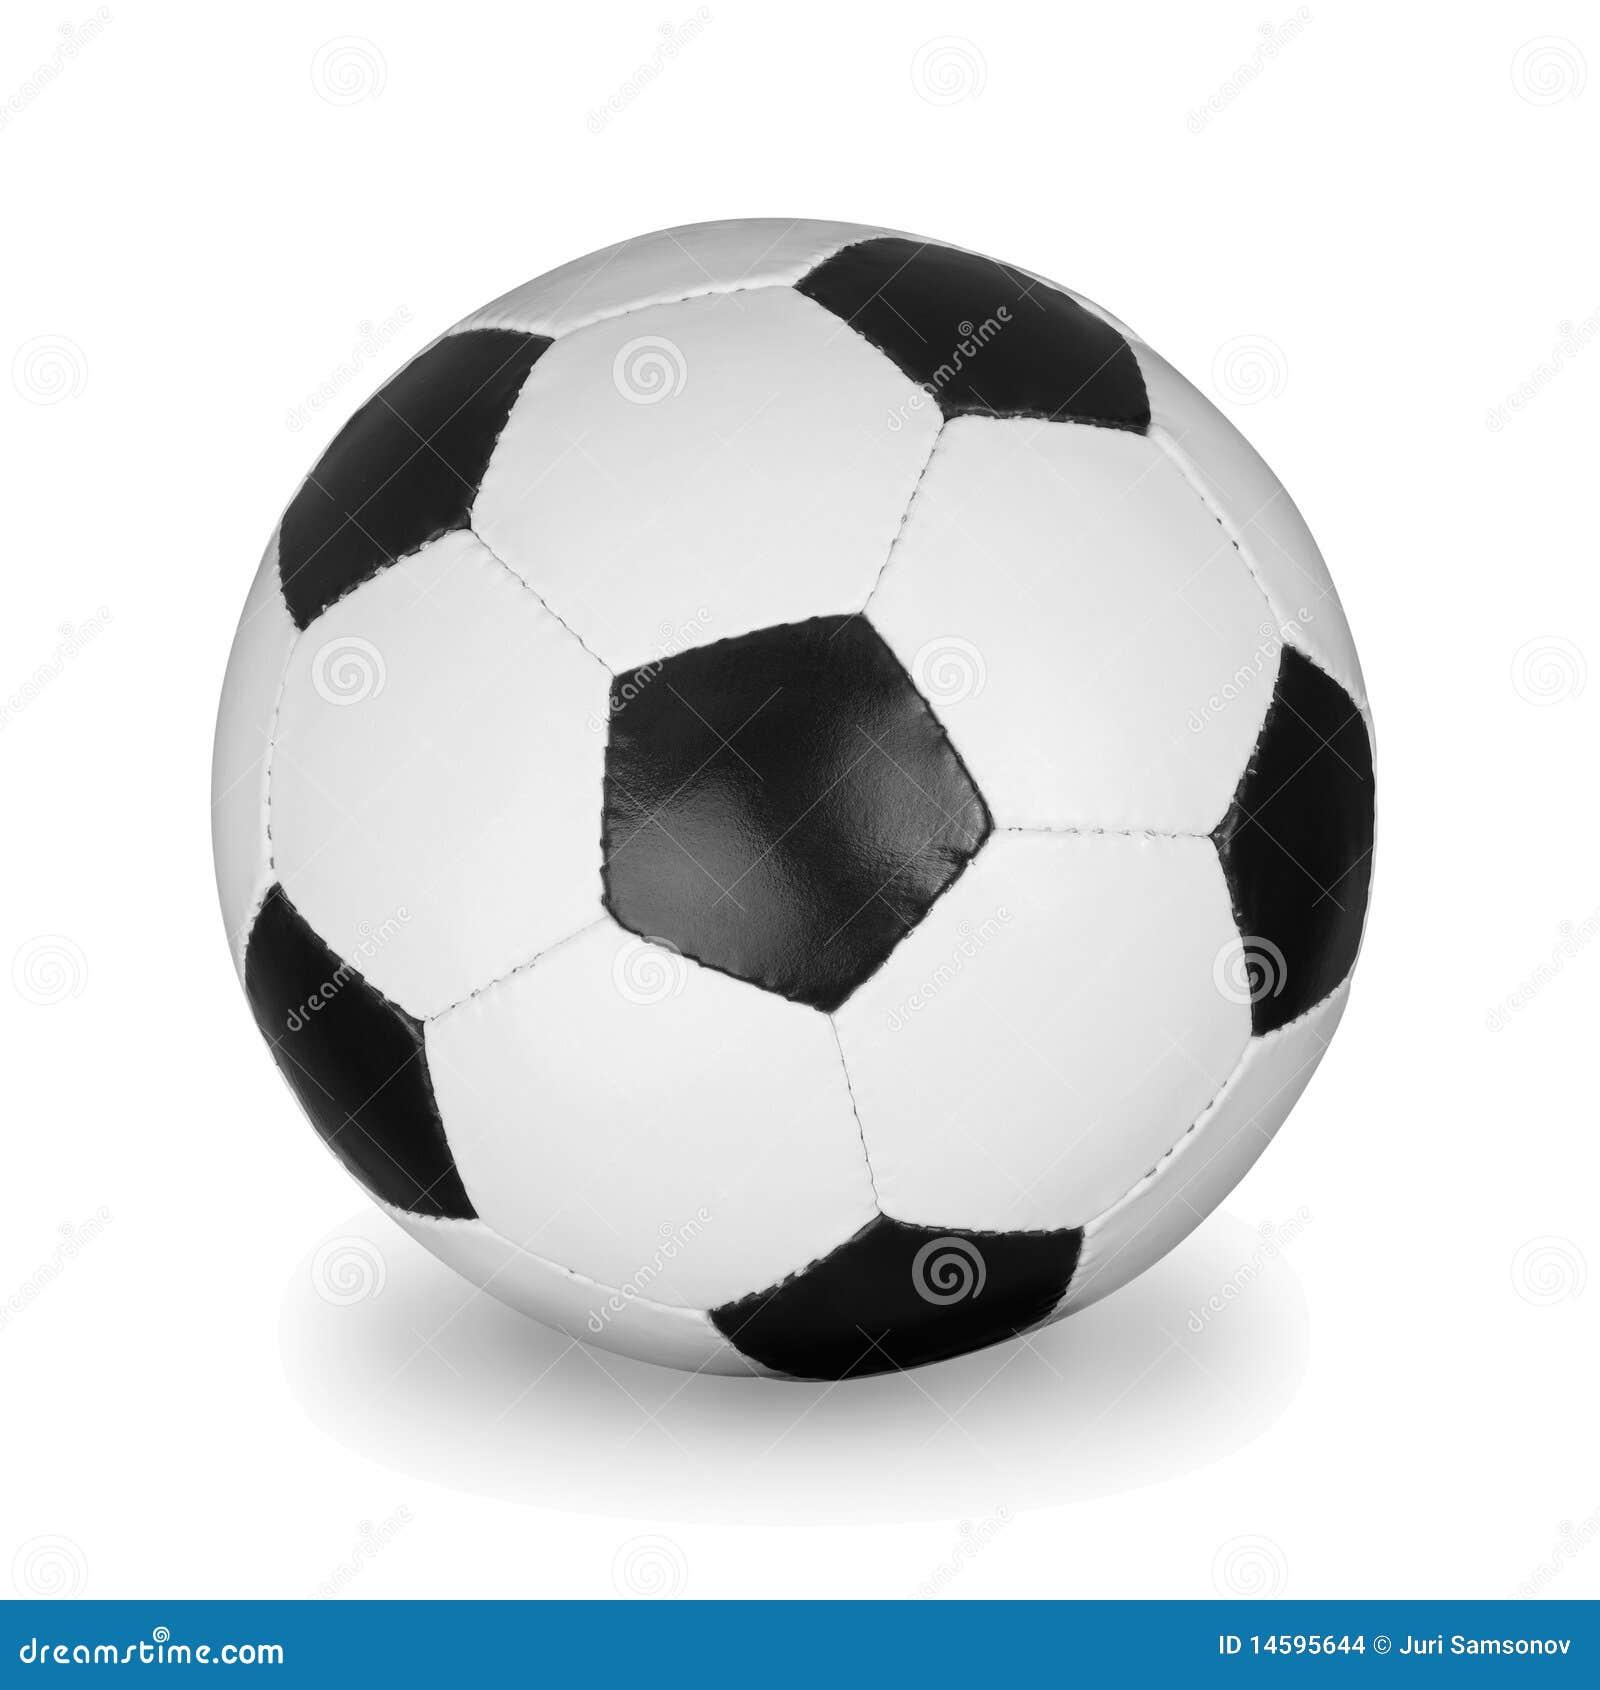 De bal van het voetbal die op de witte achtergrond wordt geïsoleerdT.